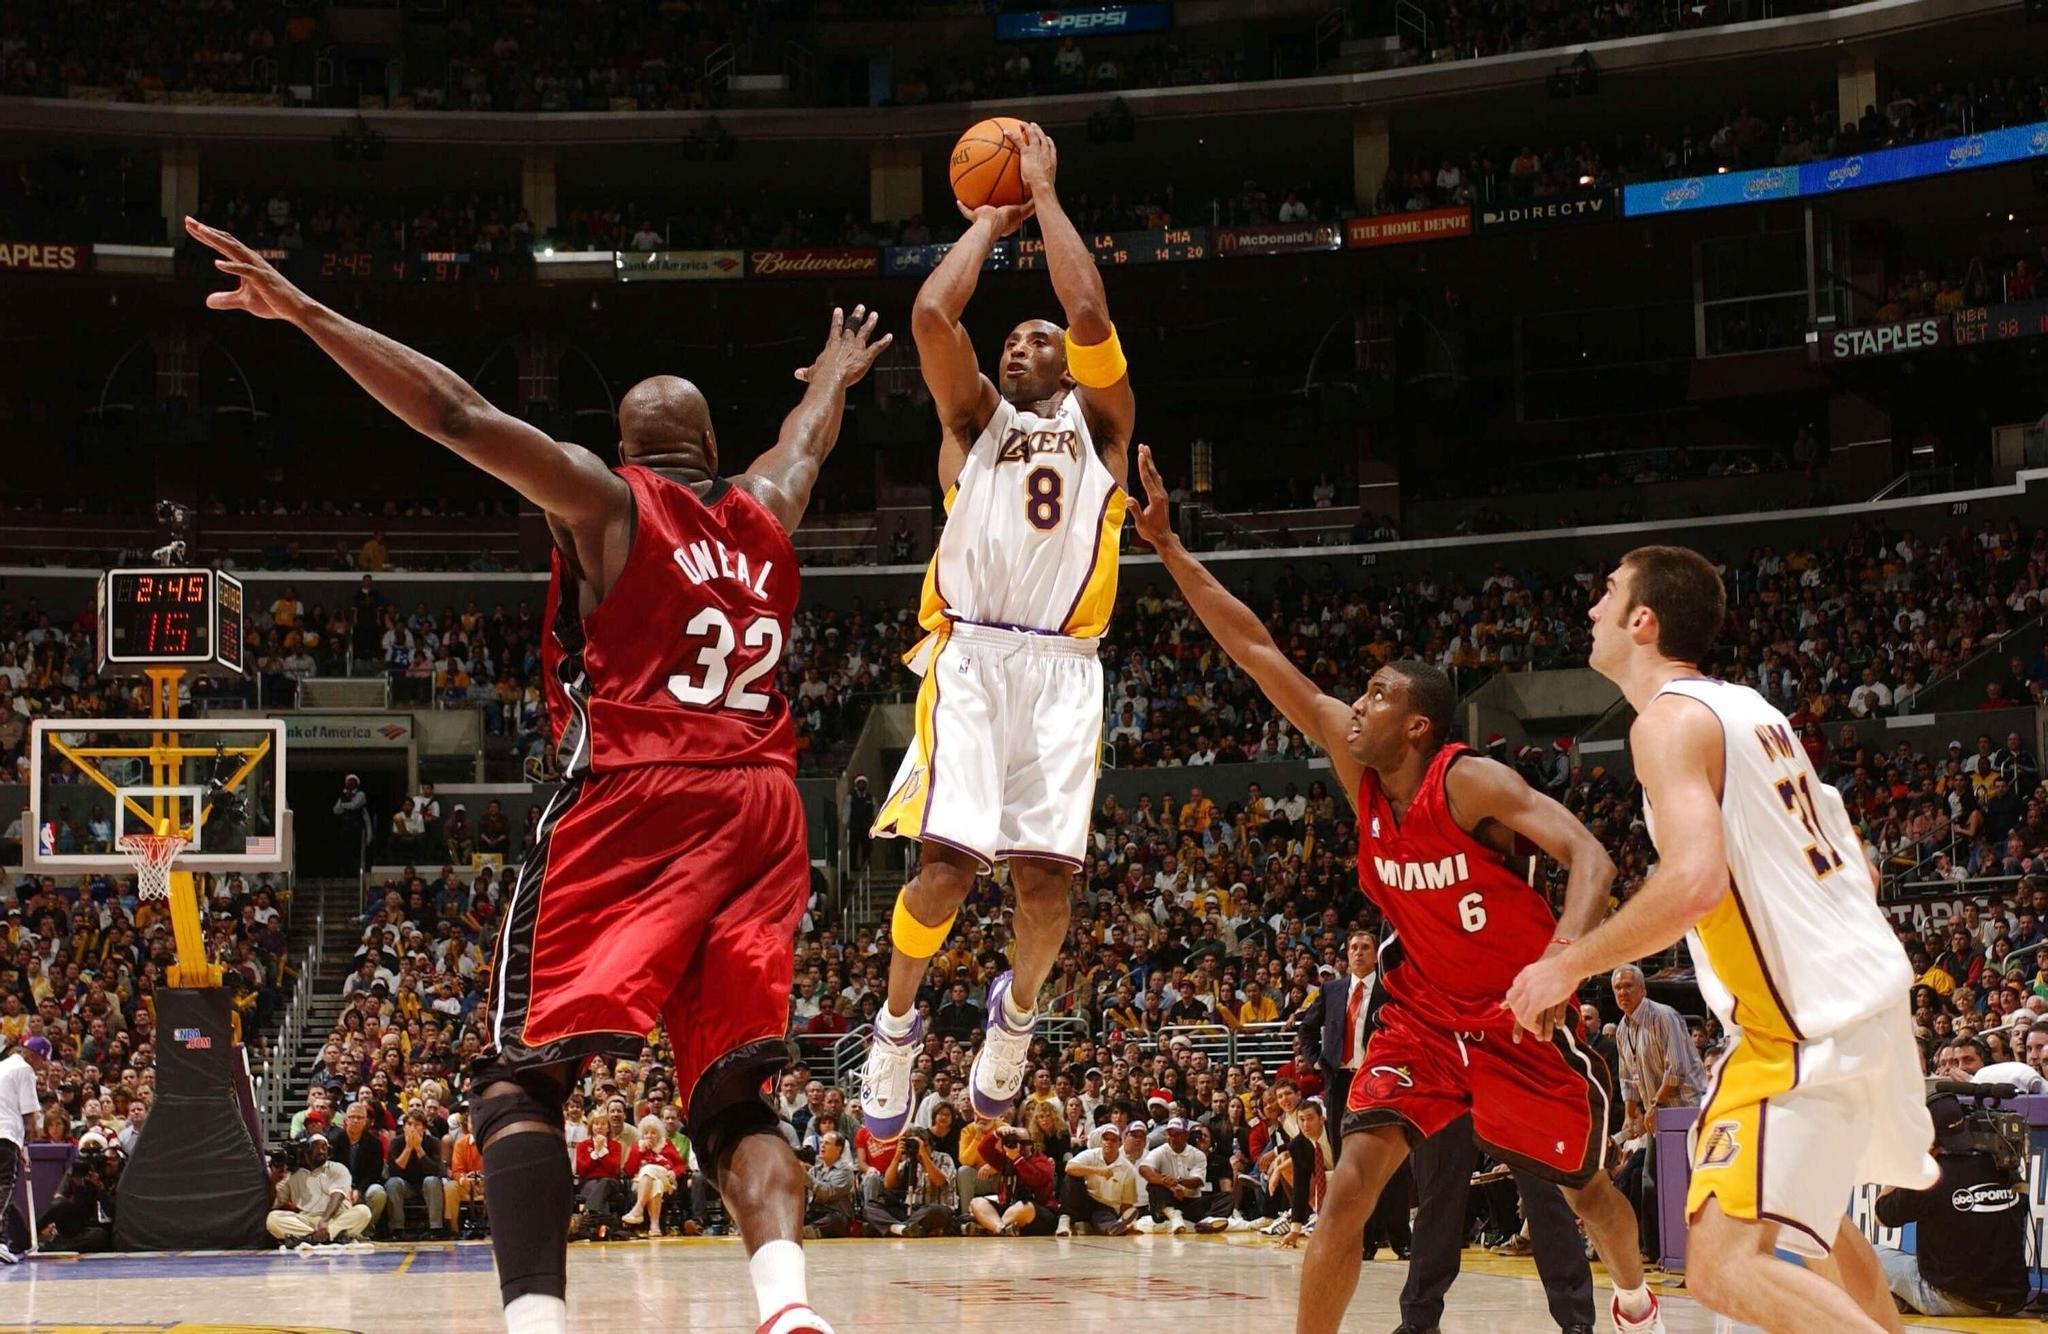 科比美如画,盘点NBA投篮姿势最帅的球员,一名中国人上榜!